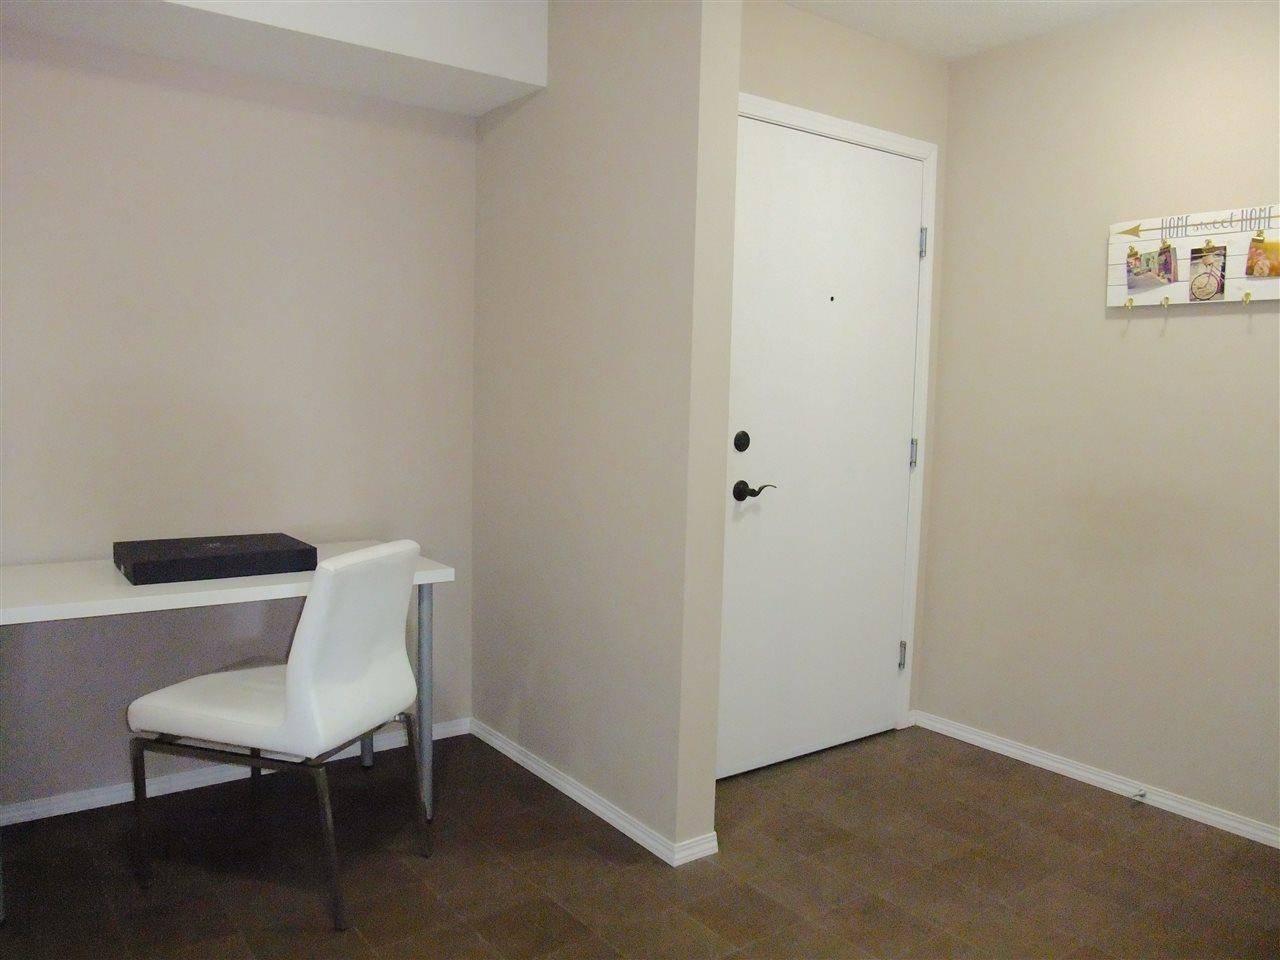 Condo for sale at 11804 22 Ave Sw Unit 118 Edmonton Alberta - MLS: E4187014